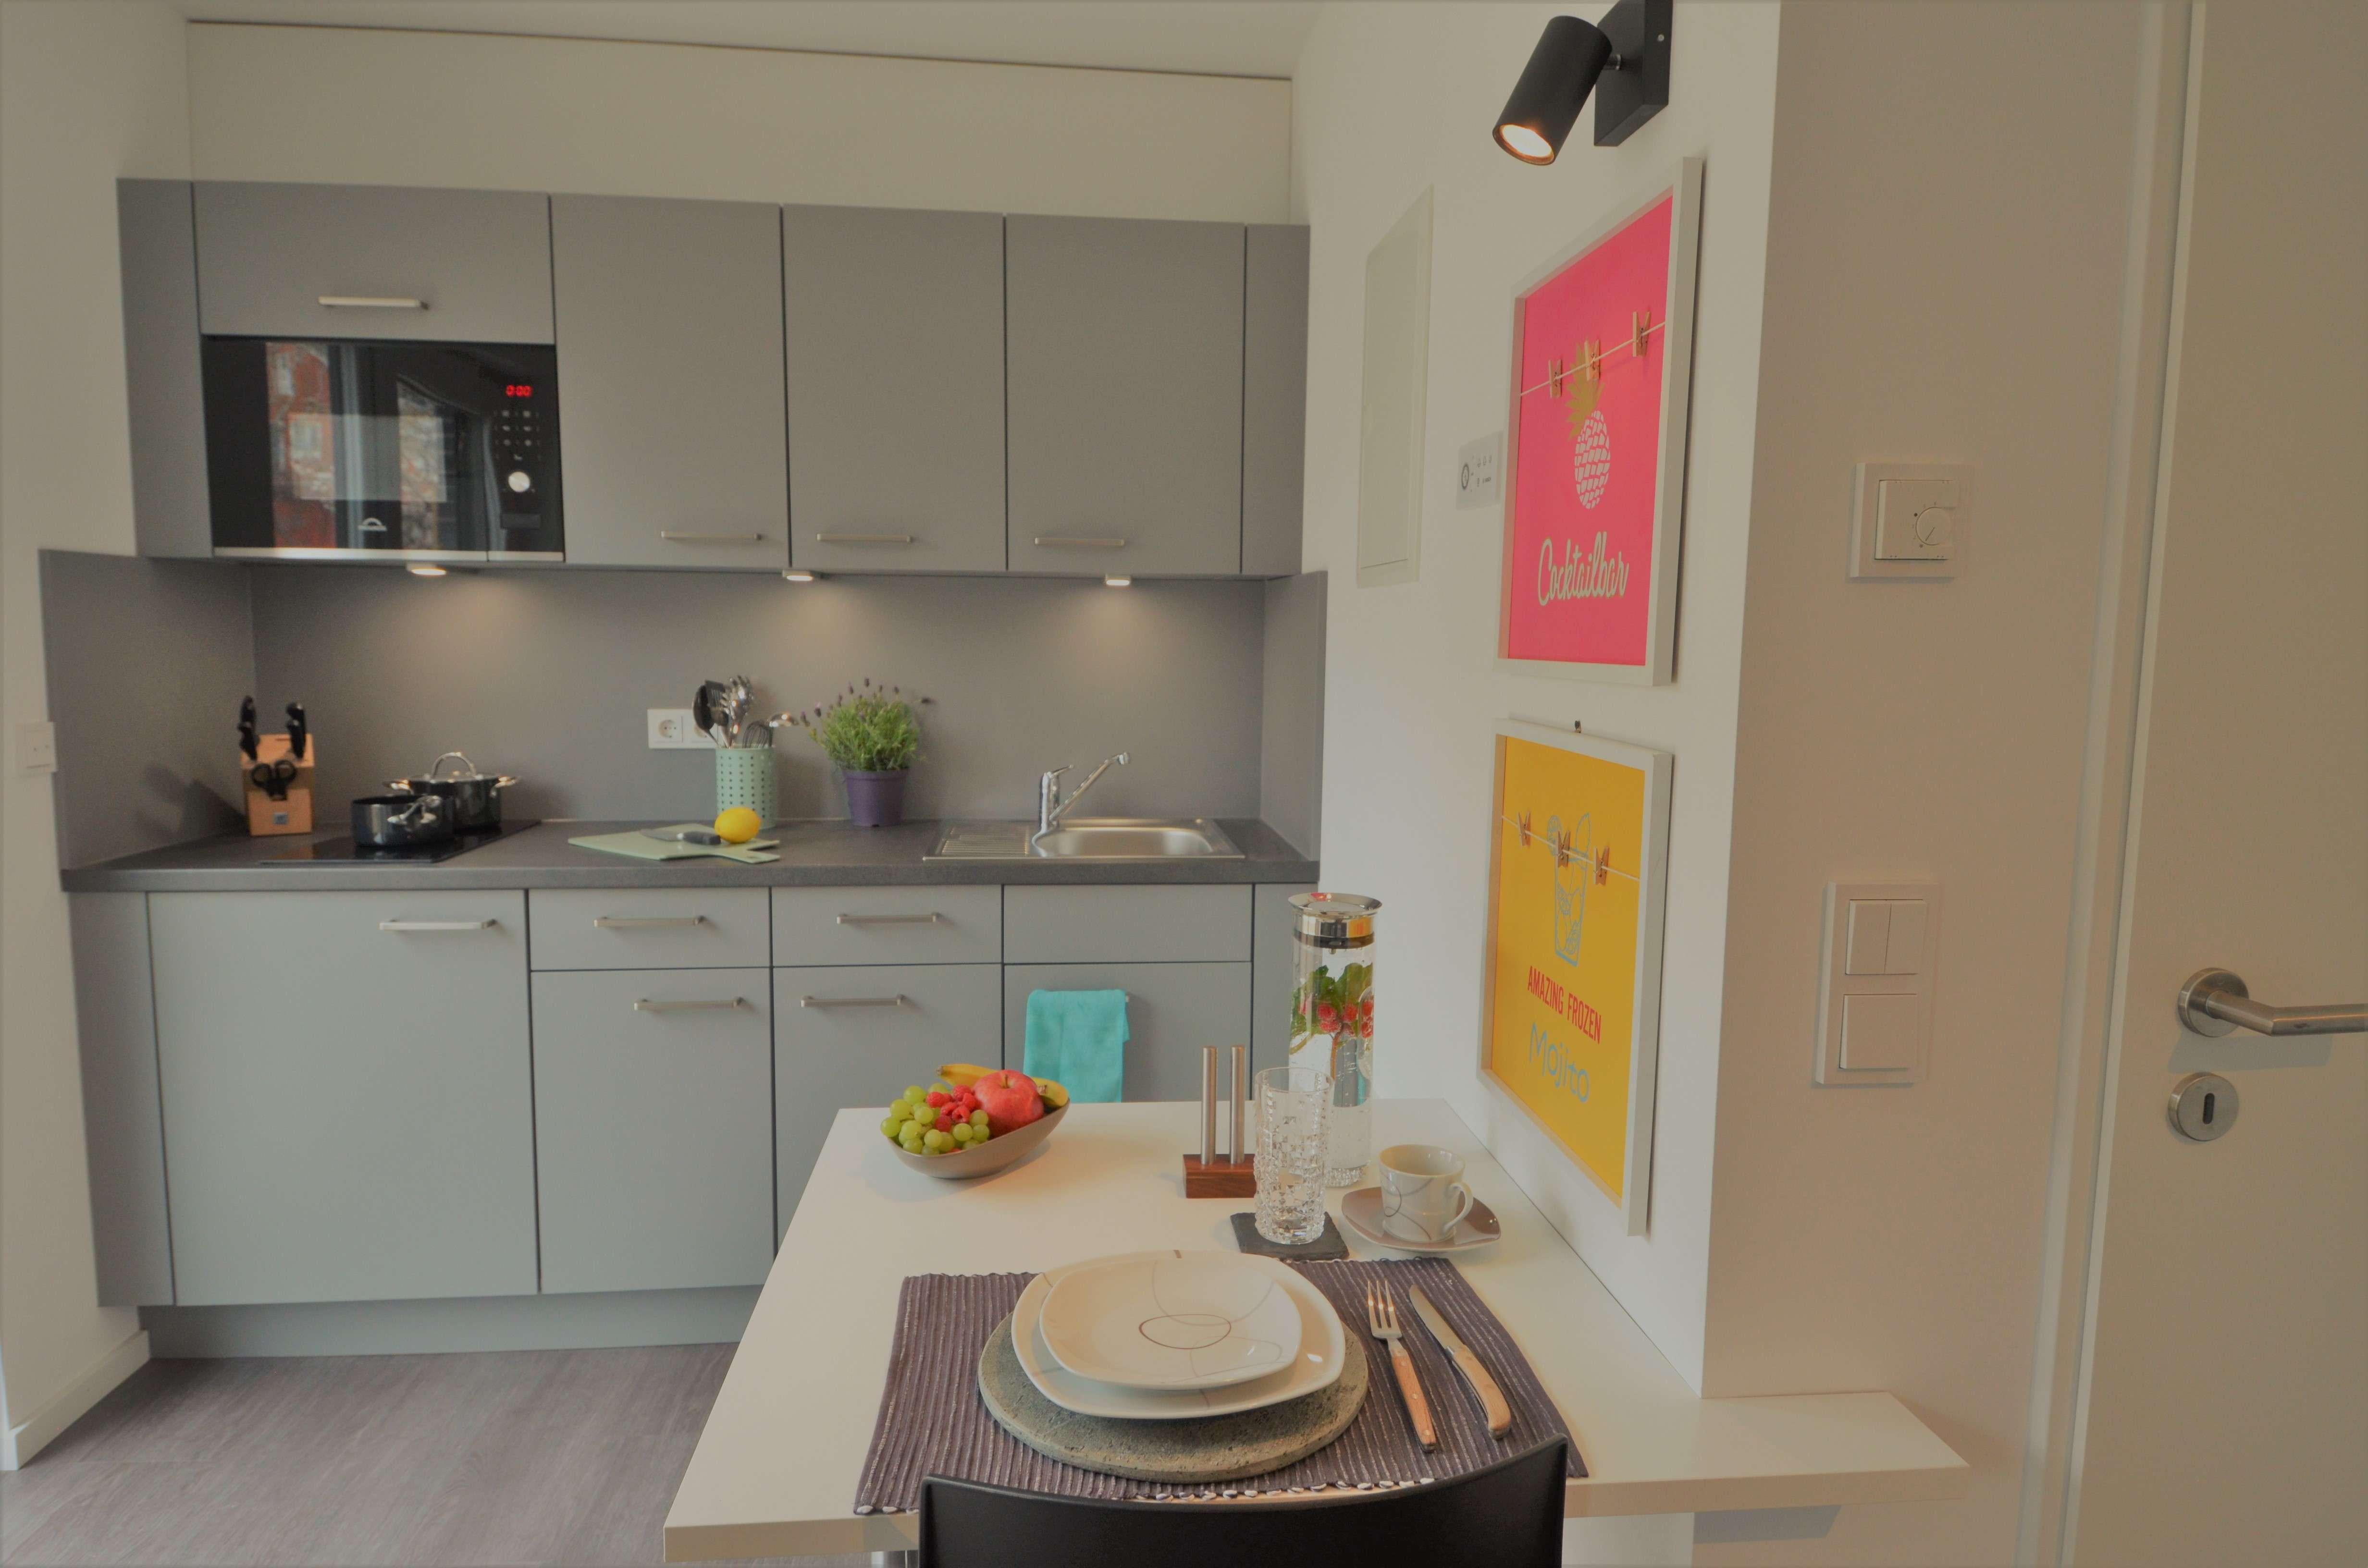 Voll Möbliertes Apartment mit Küche für Studenten und Auszubildende -